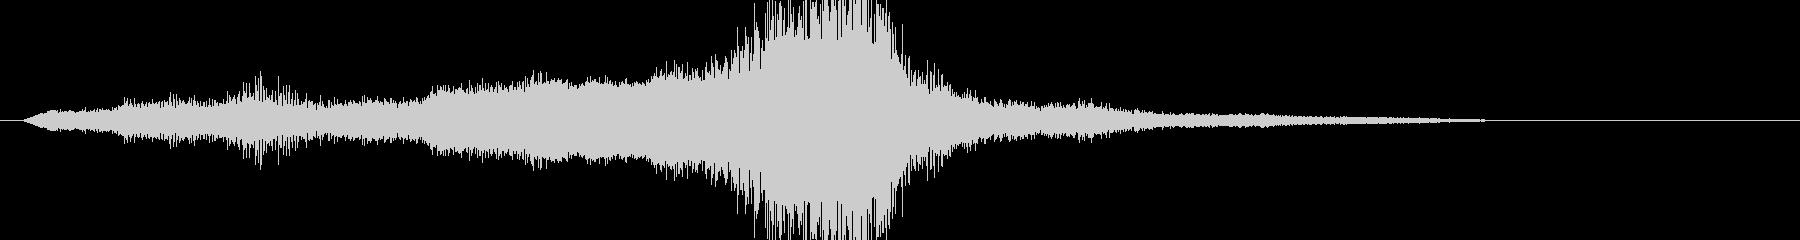 ヒューズ500:シングルバイ:低;...の未再生の波形